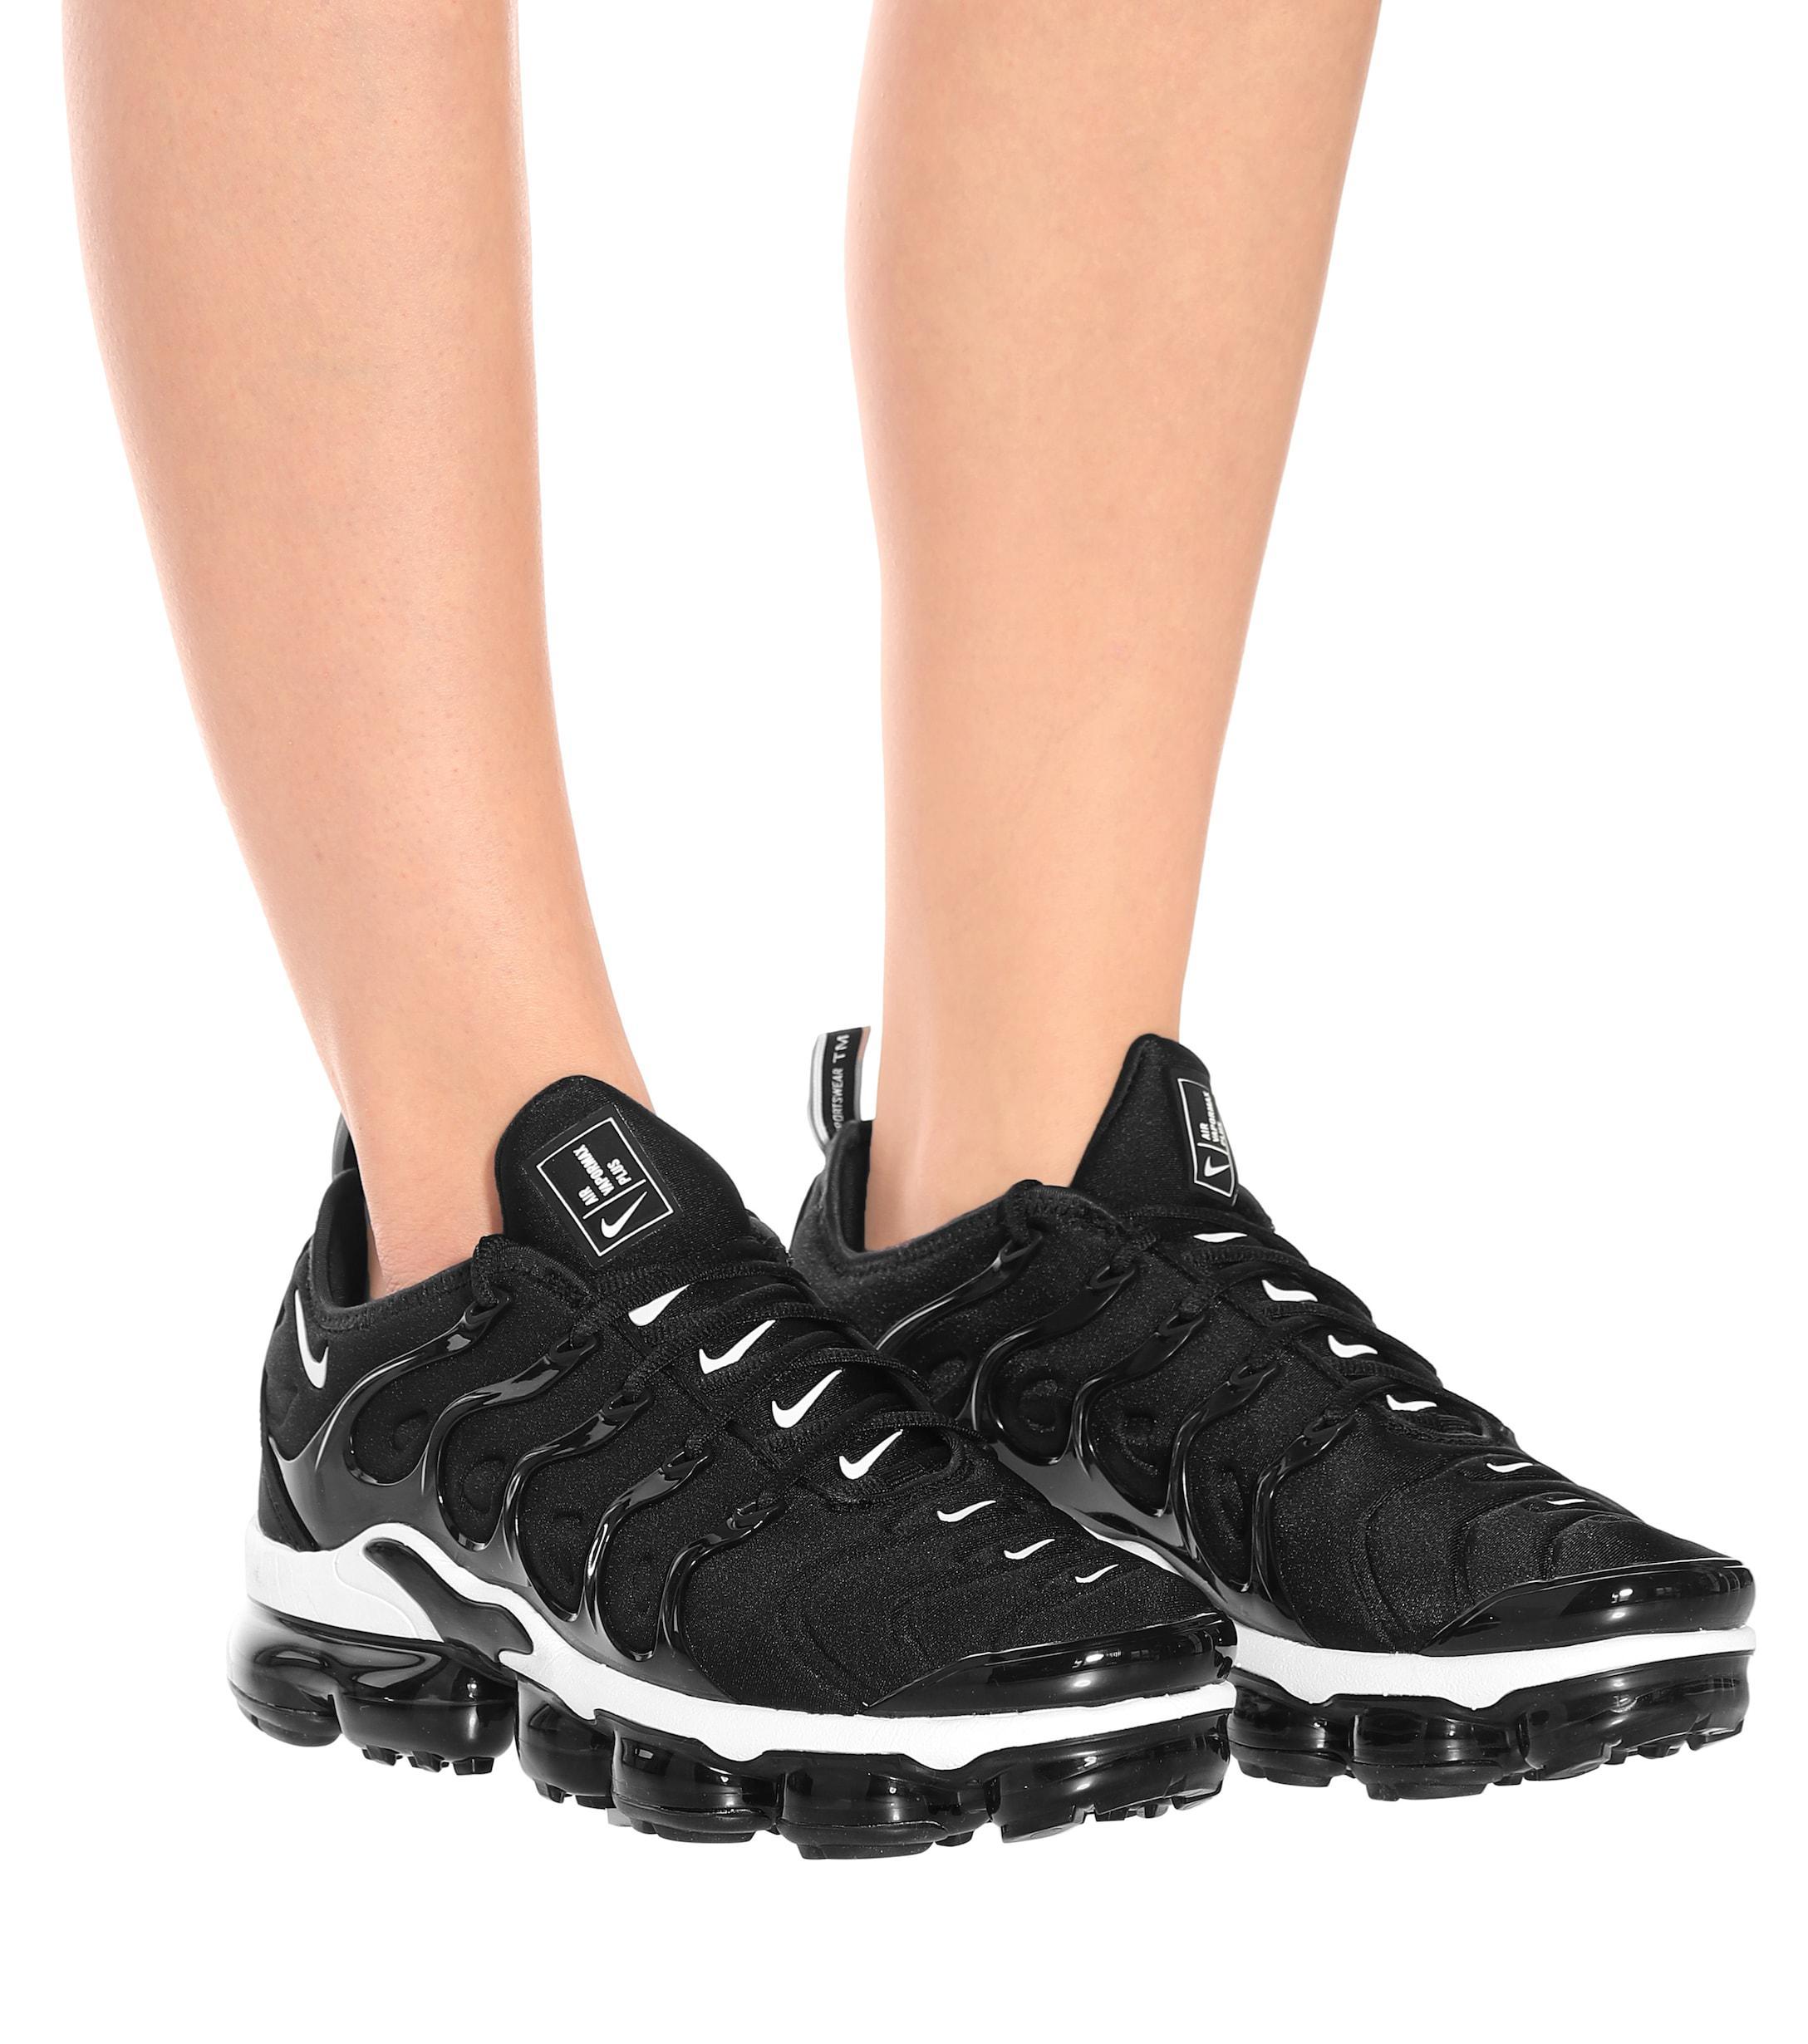 Nike Air Vapormax Plus Sneakers in Black/White (Black) - Lyst